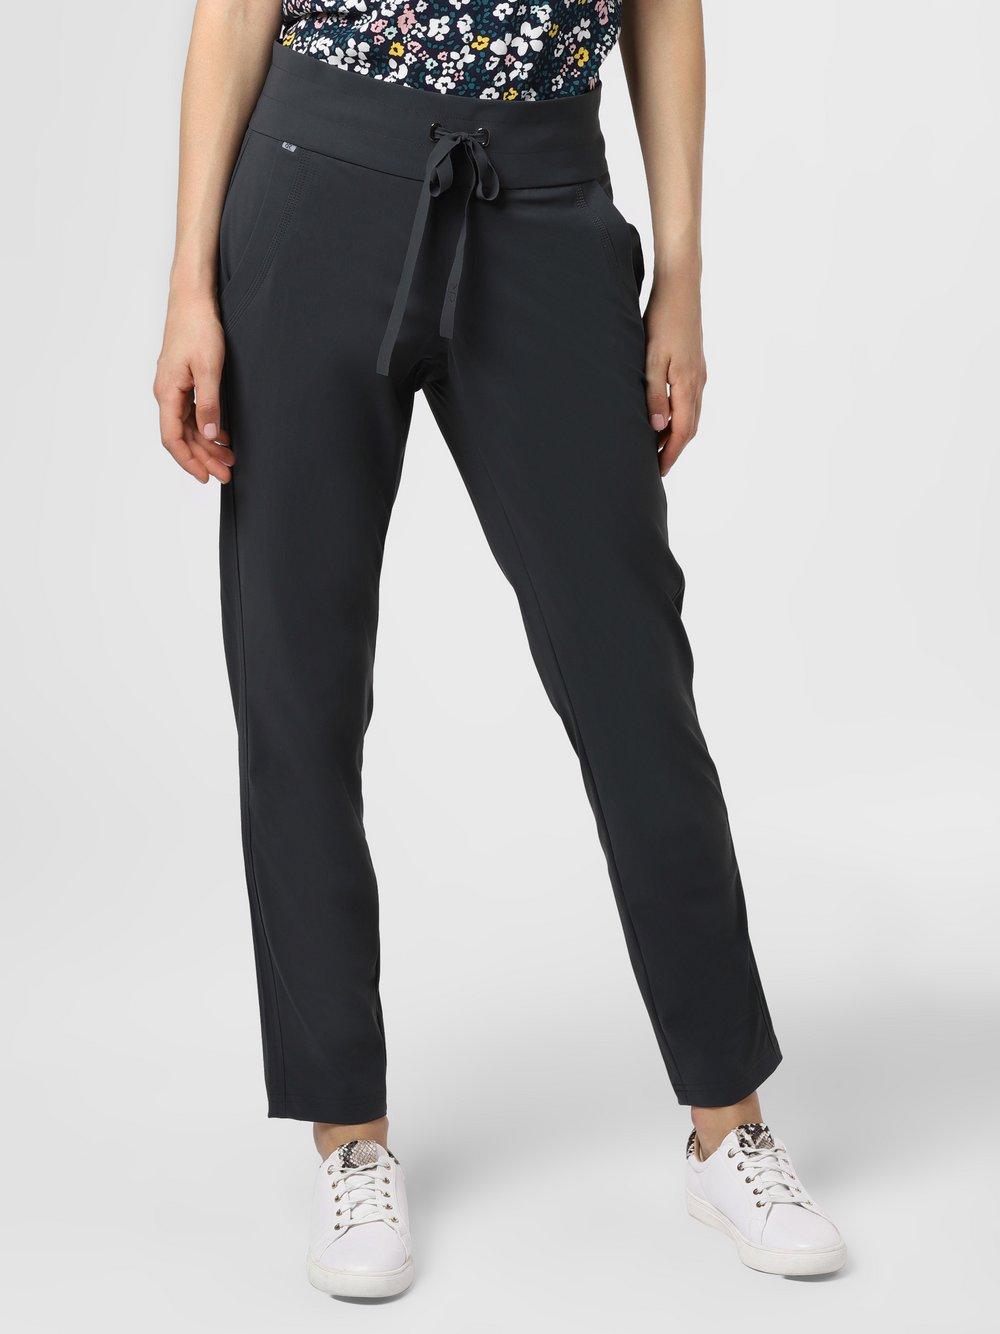 RAFFAELLO ROSSI – Spodnie damskie – Cynthia O, szary Van Graaf 483794-0002-00380